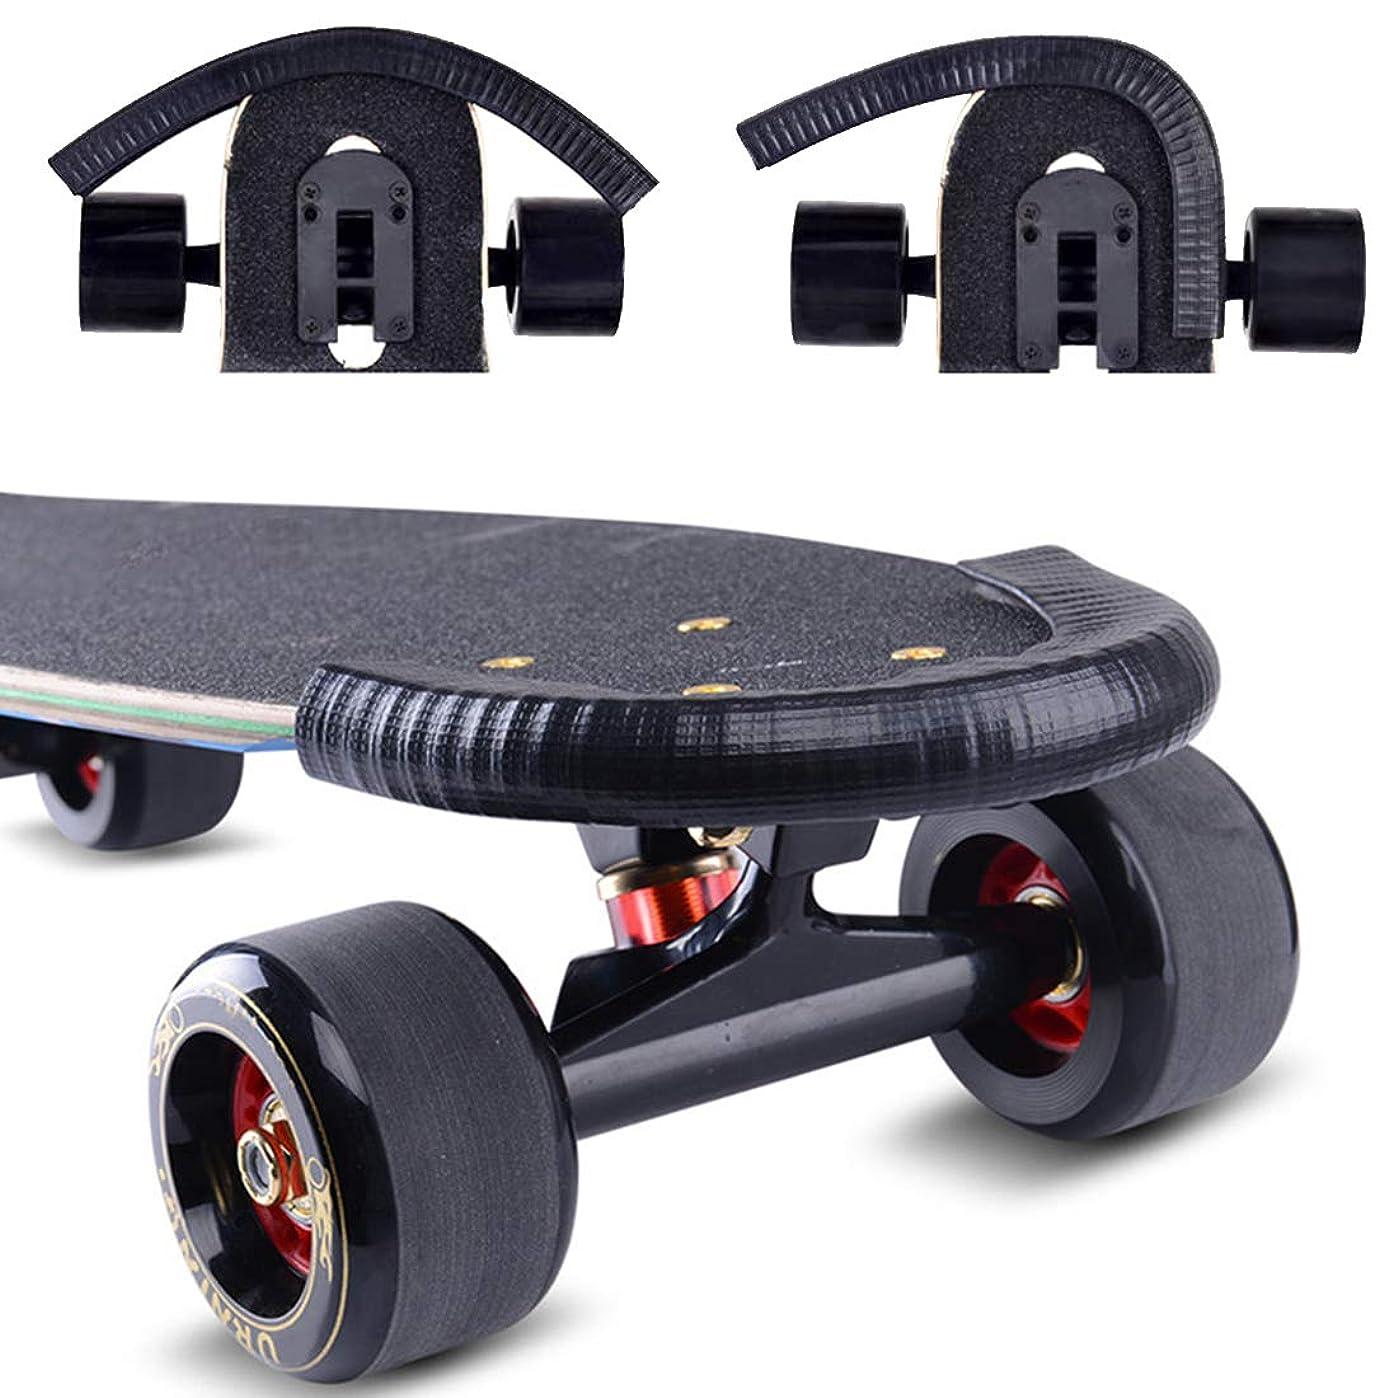 背景わずらわしい公平なAcoser スケートボードデッキガードプロテクター ロングボードノーズガード保護 丈夫な衝撃吸収ラバーカバー 優れたテールガード 子供 男の子 女の子 若者 初心者用 (2個パック)